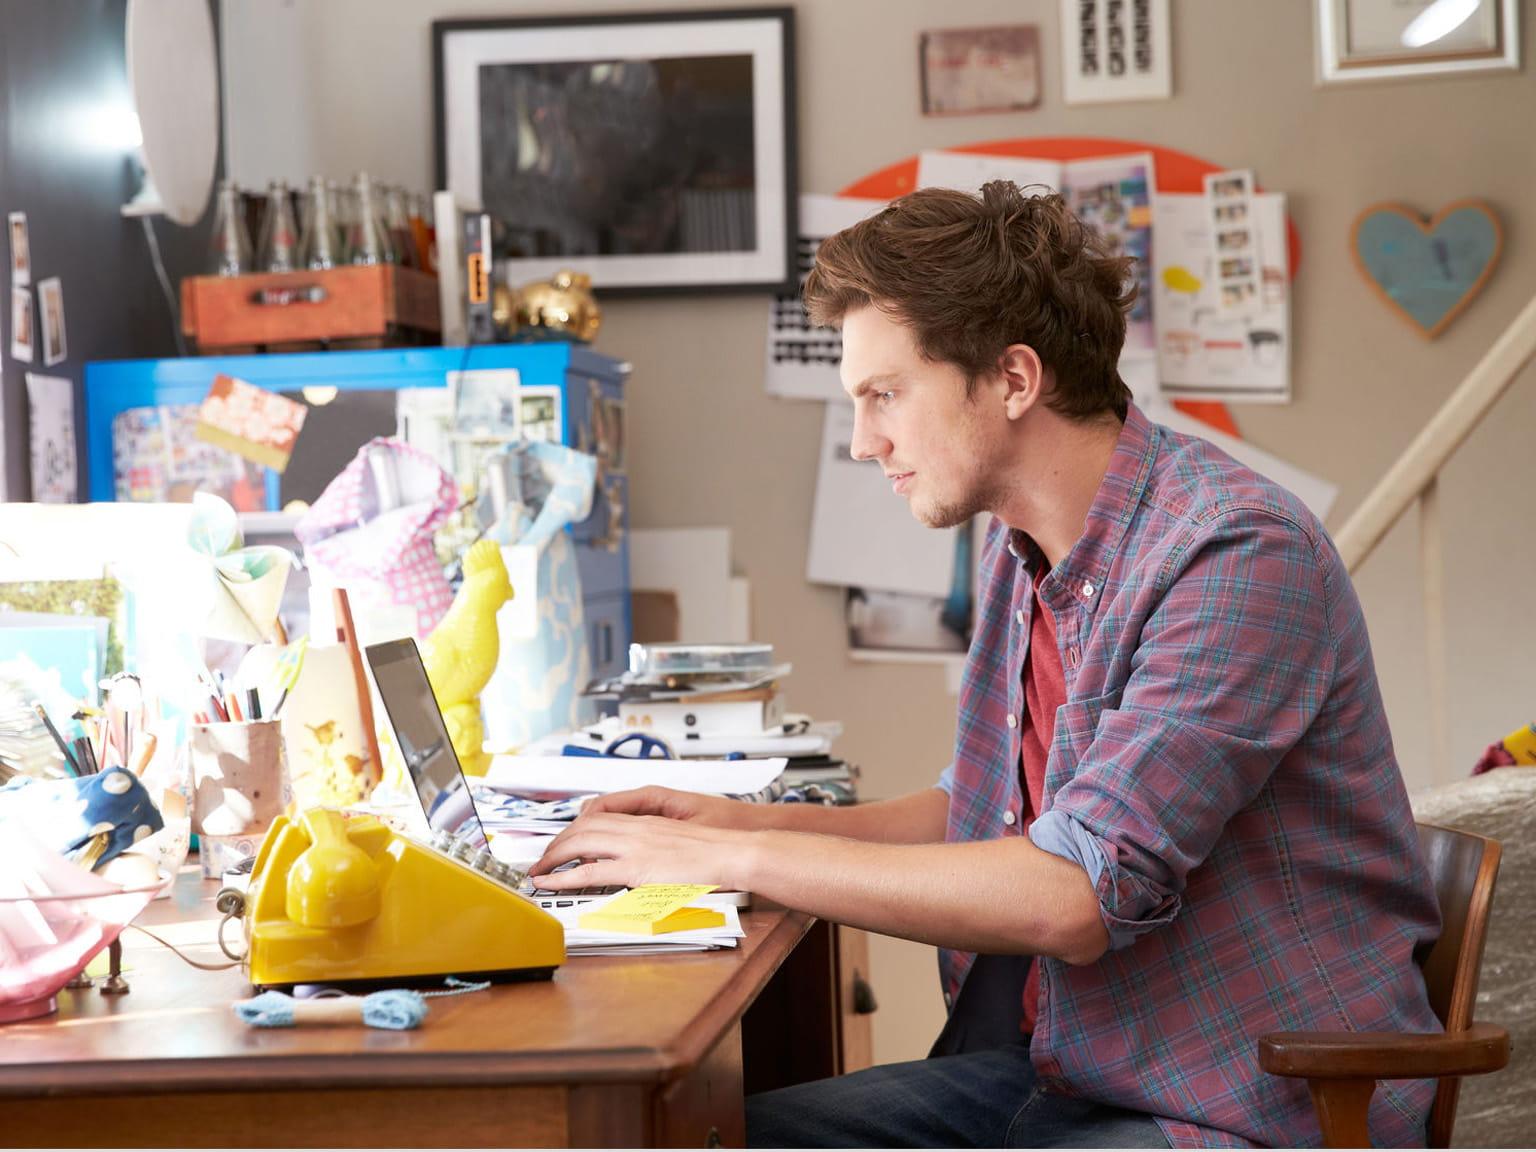 Ragazzo al lavoro nel suo uffico in casa